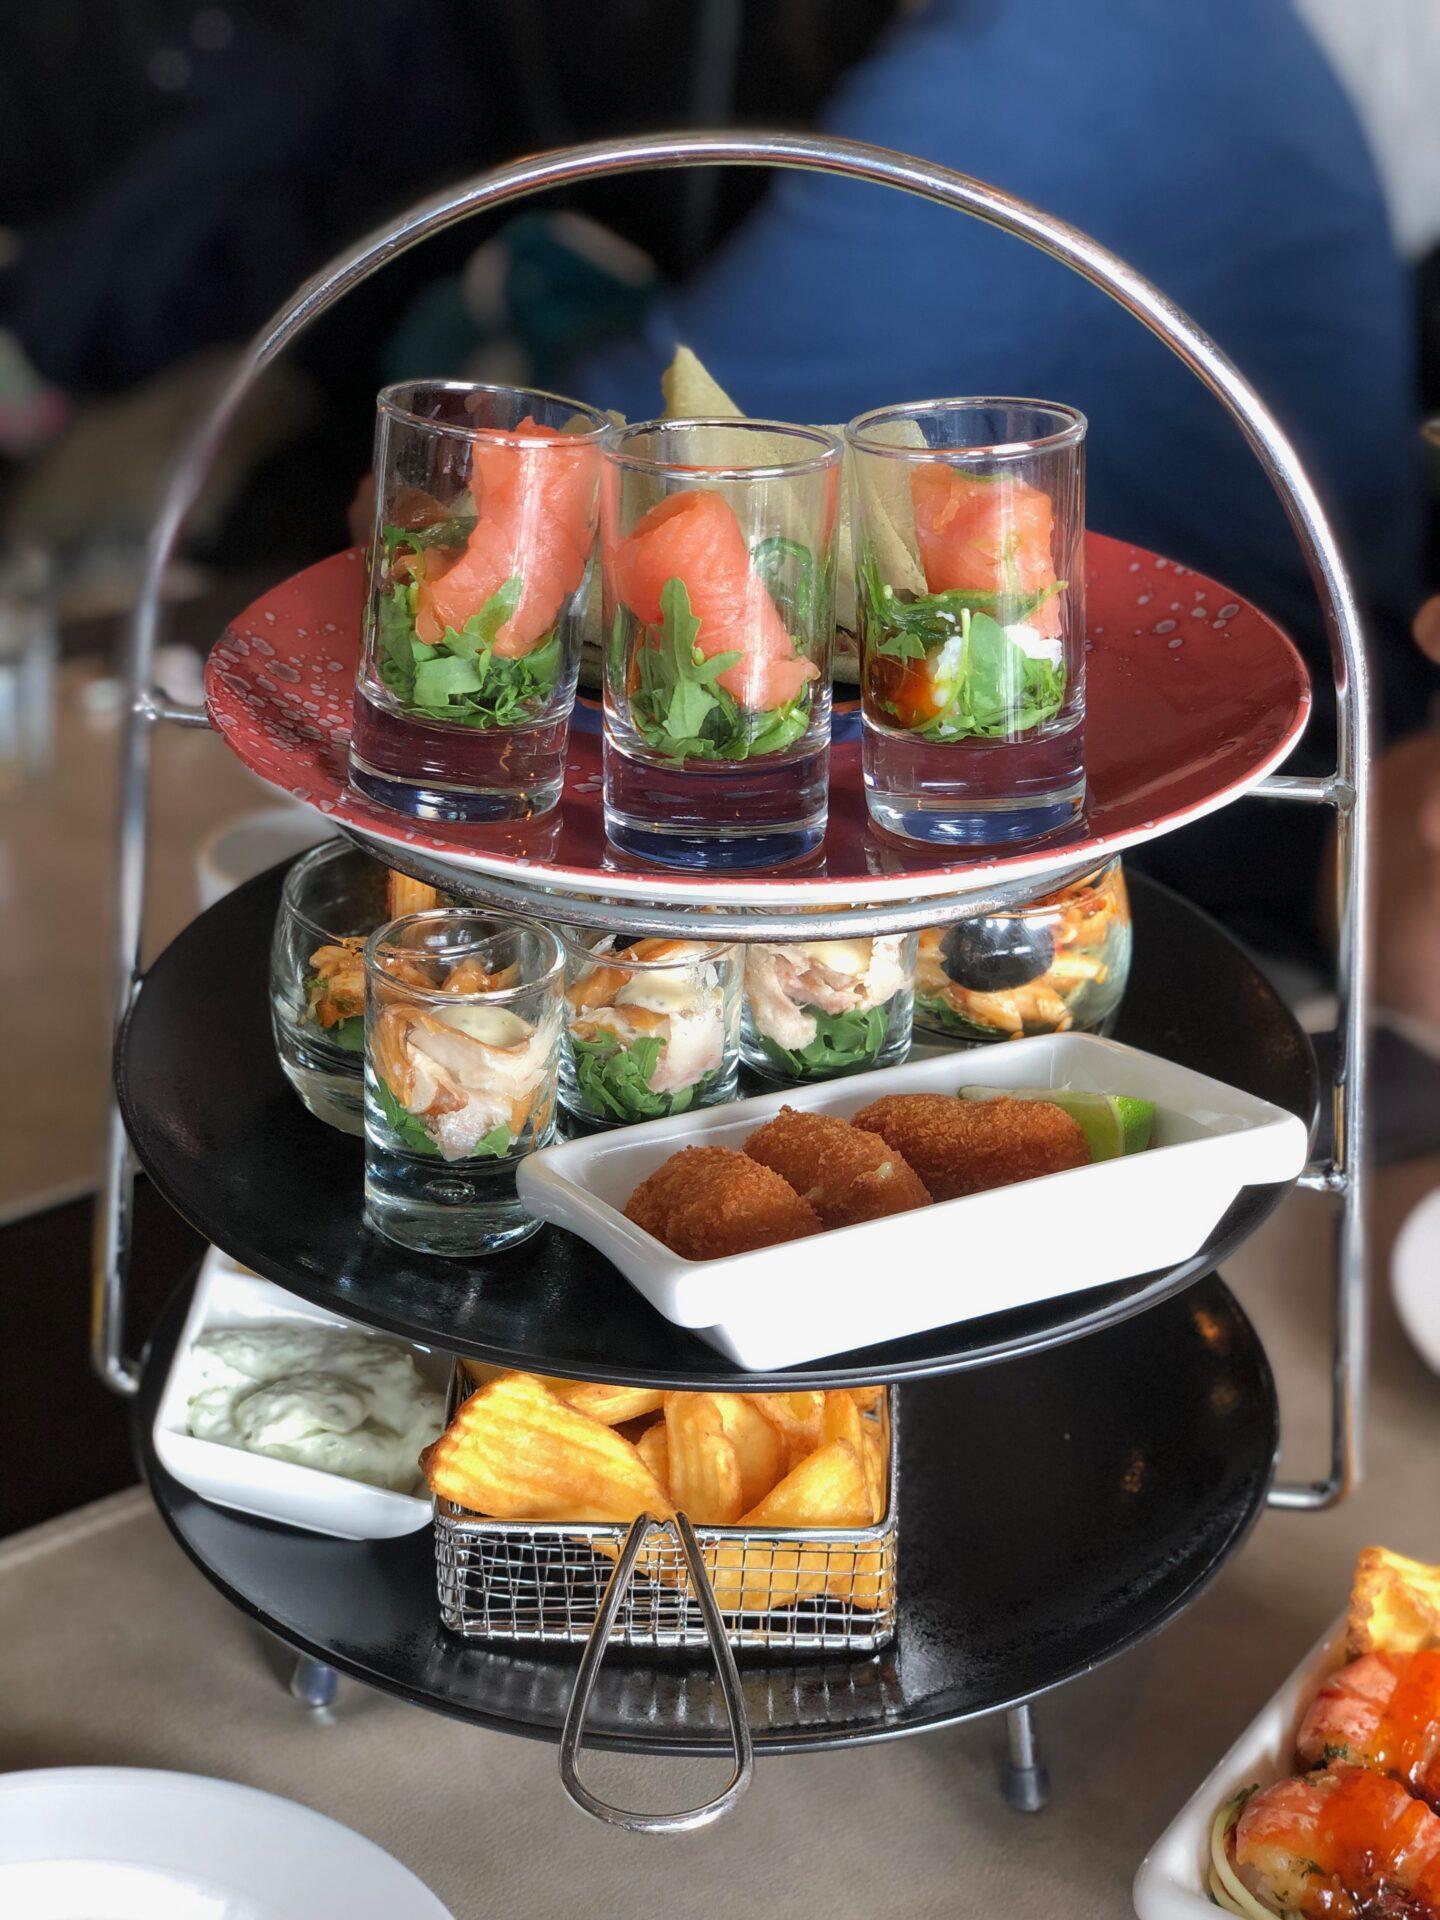 Restaurant De Zeebodem - Urkse Dikkoek - Urk - Flevoland- Nederland - reisblog - Duurzaam reizen